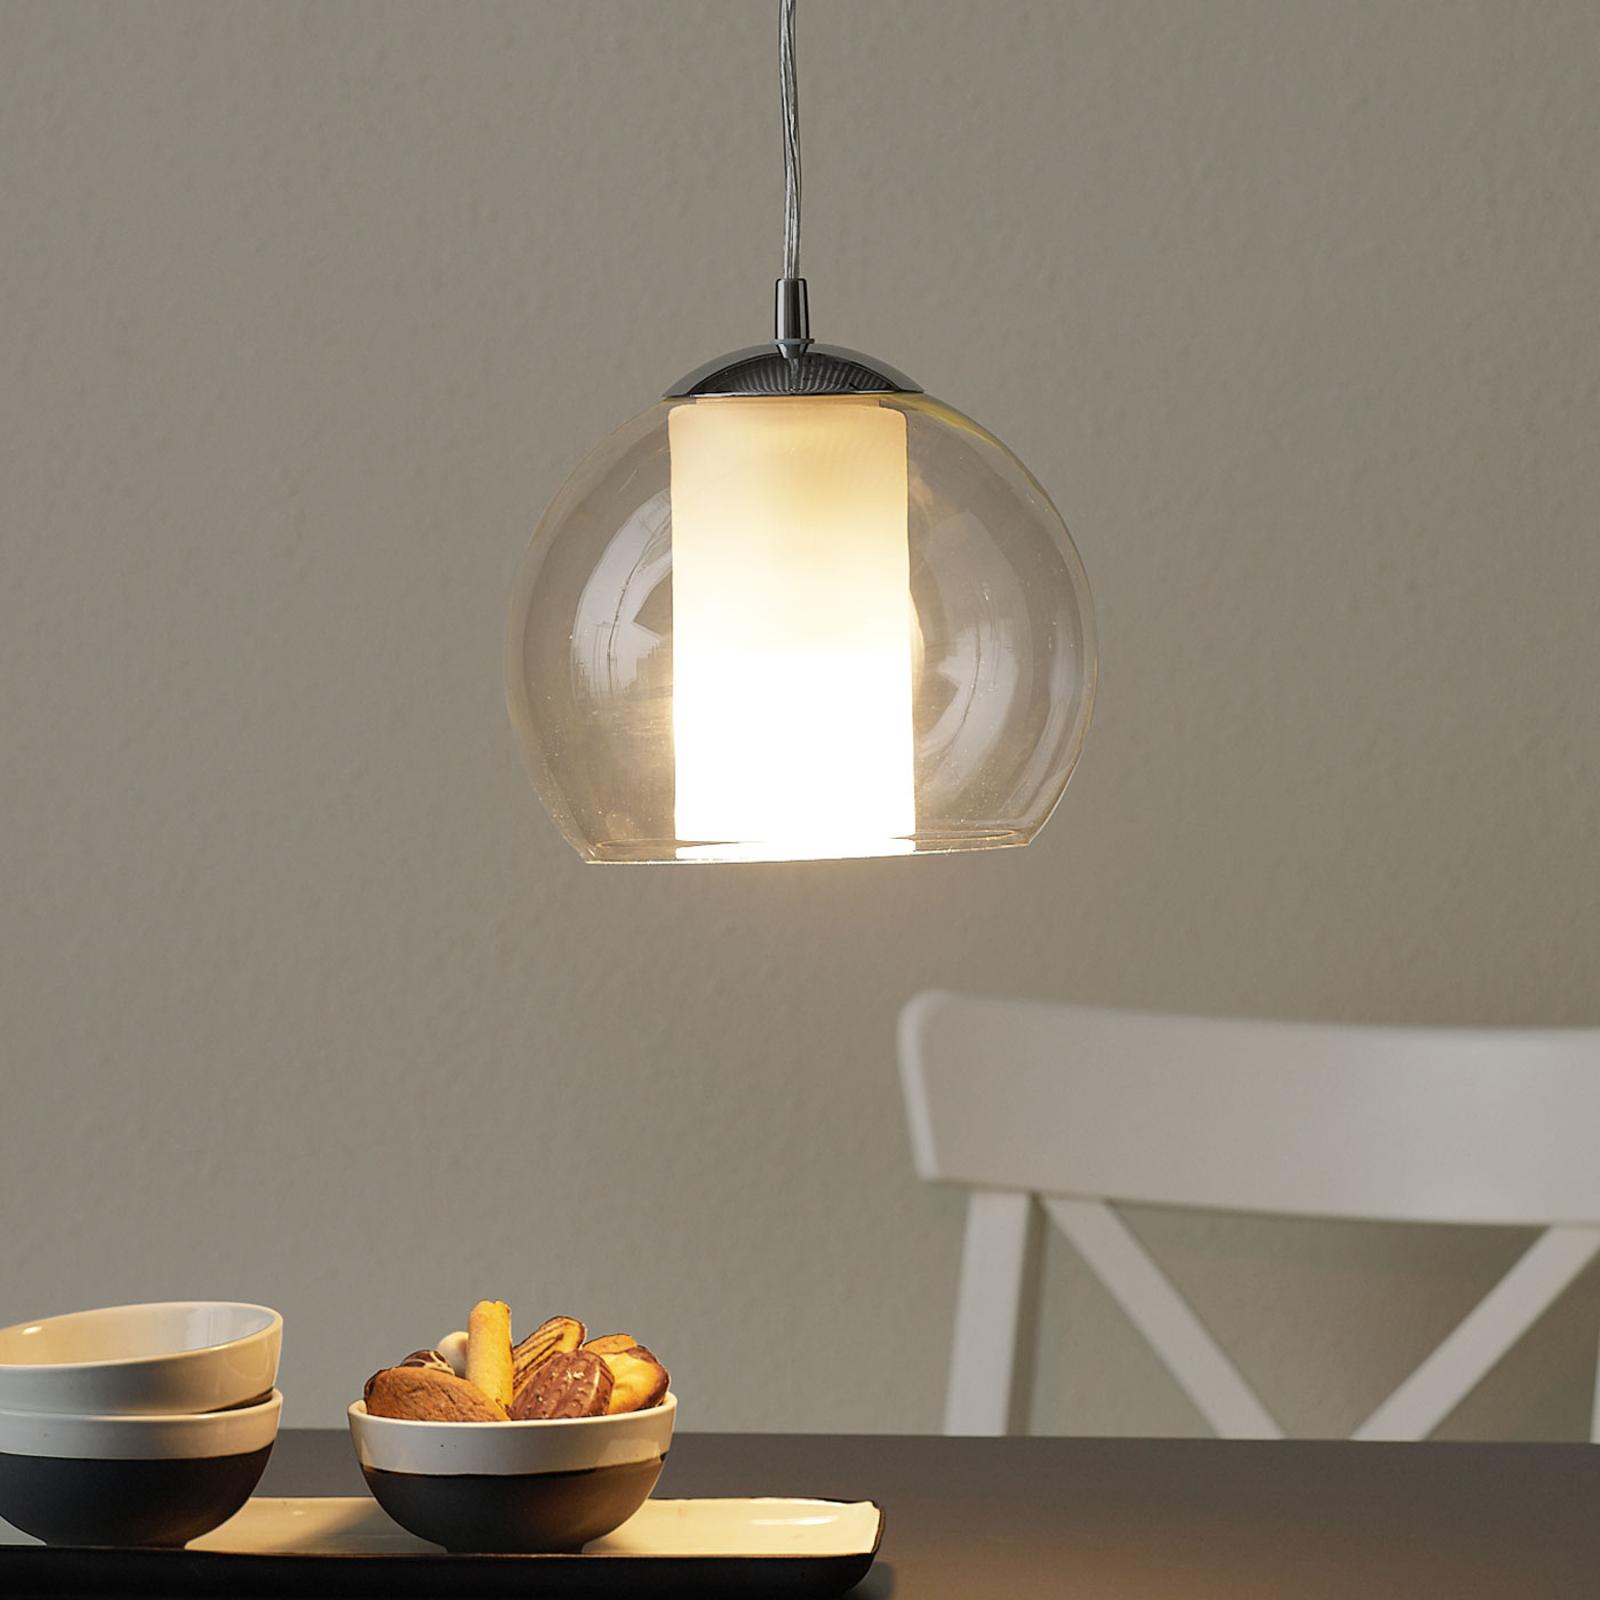 Vznešená sklenená závesná lampa Bolsano_3031643_1